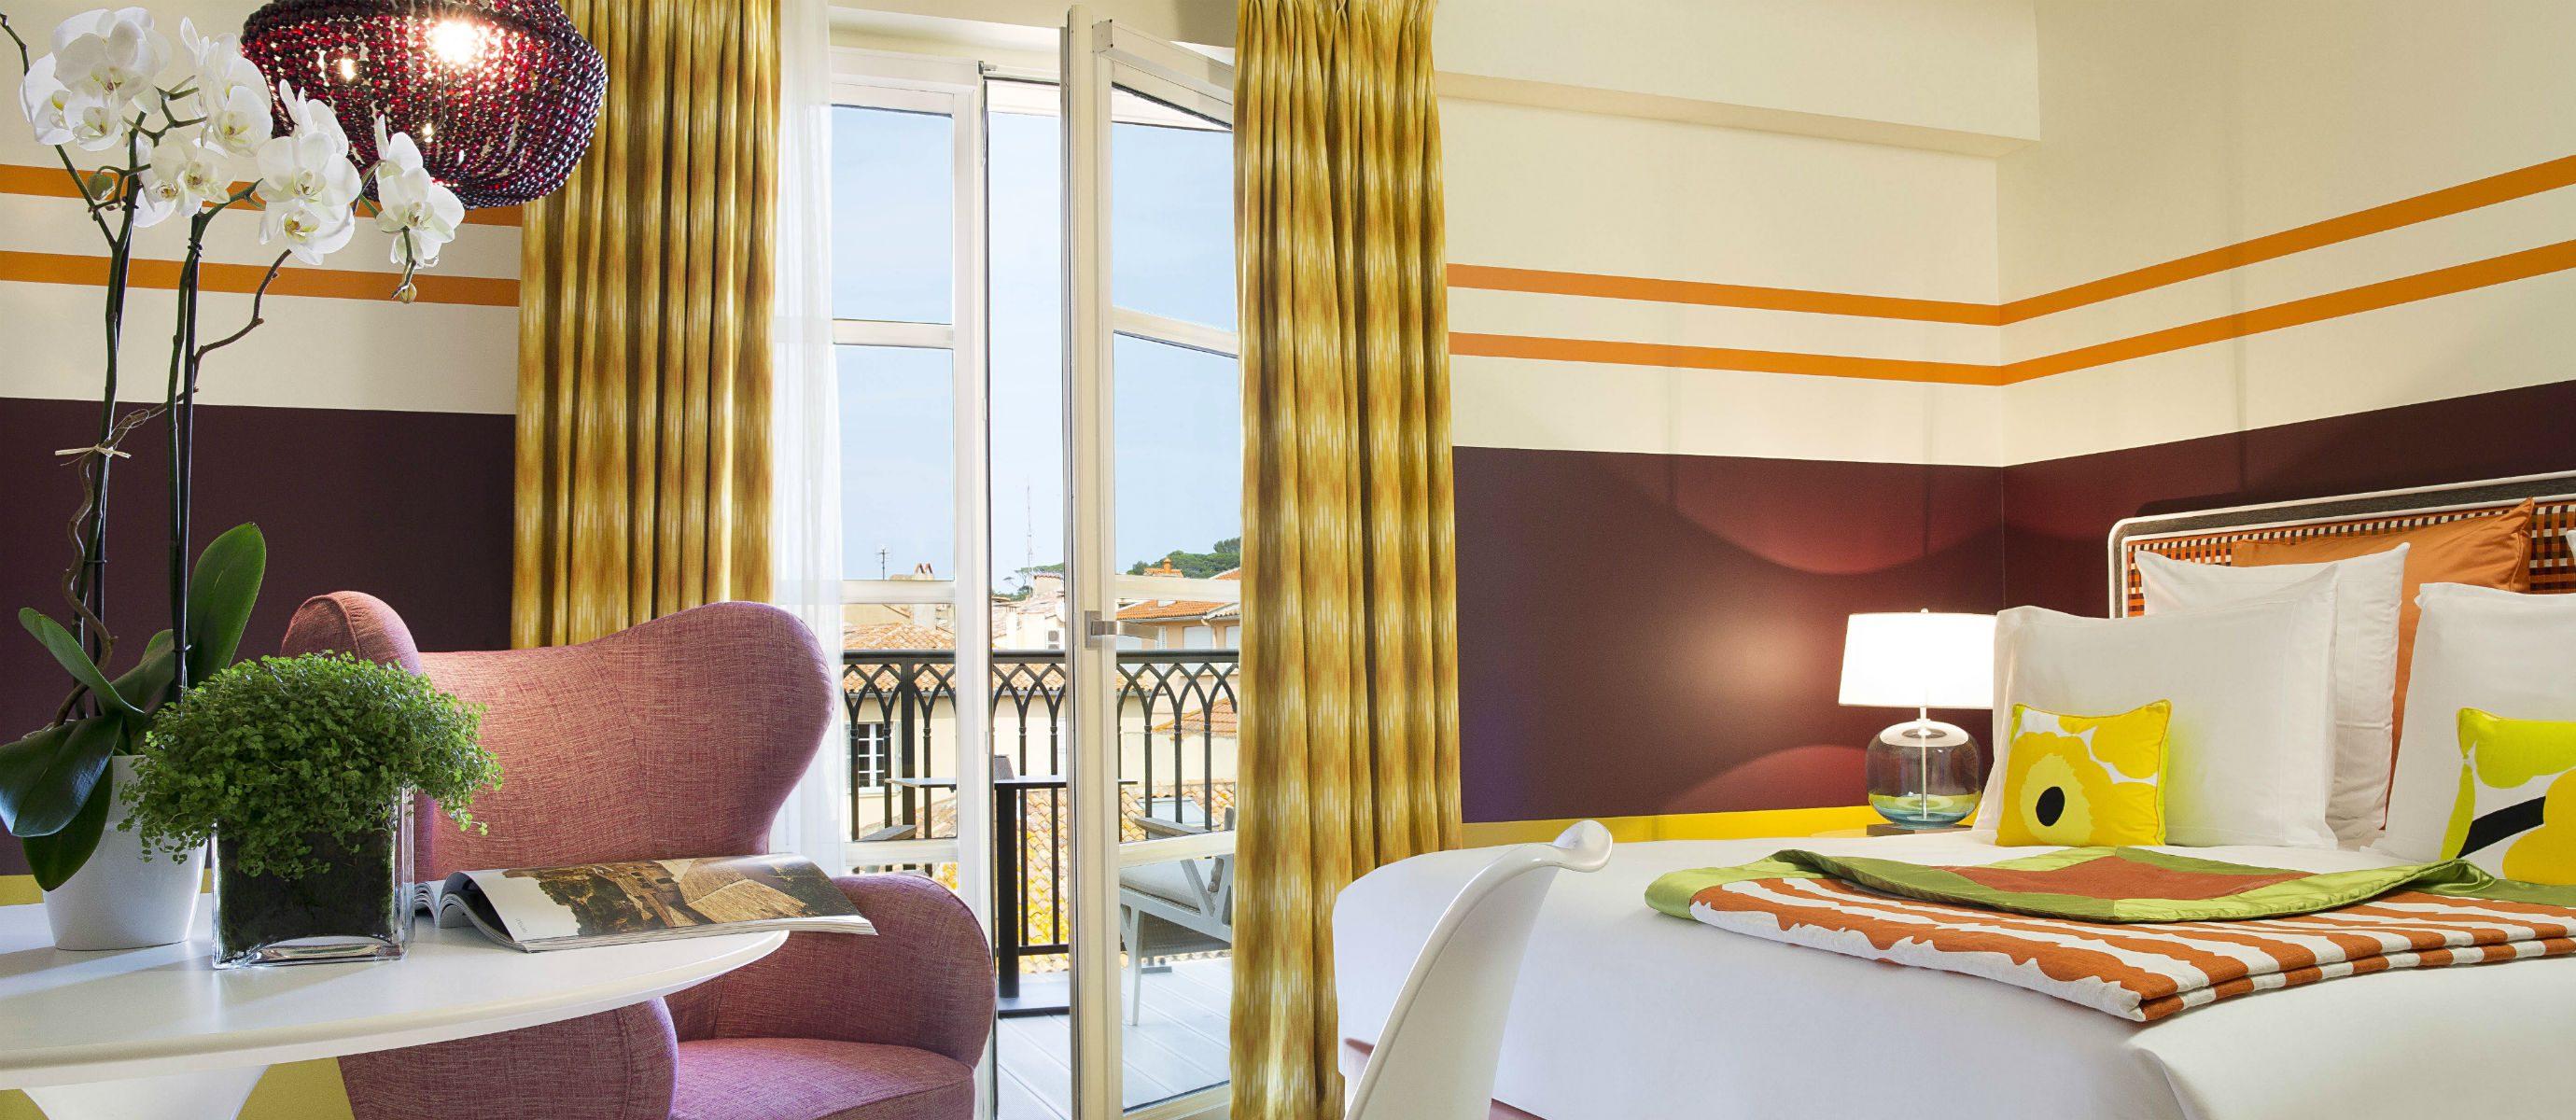 HDP .2hotel de paris-chambre-05-02 md